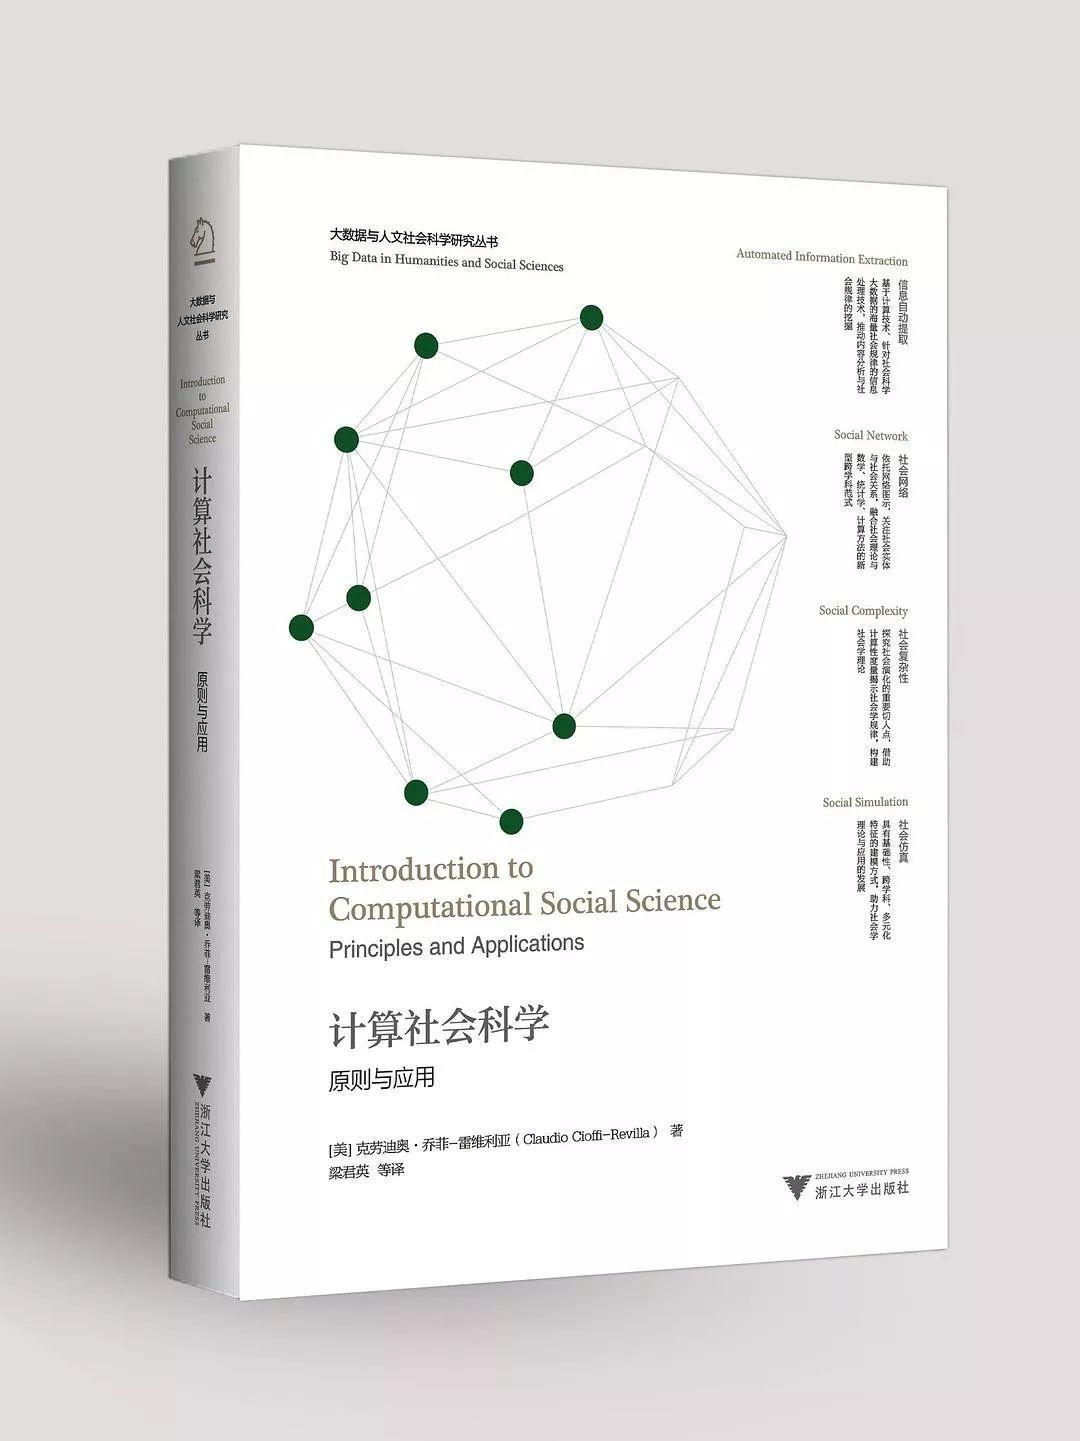 计算社会科学——原则与应用|新书推荐-集智俱乐部